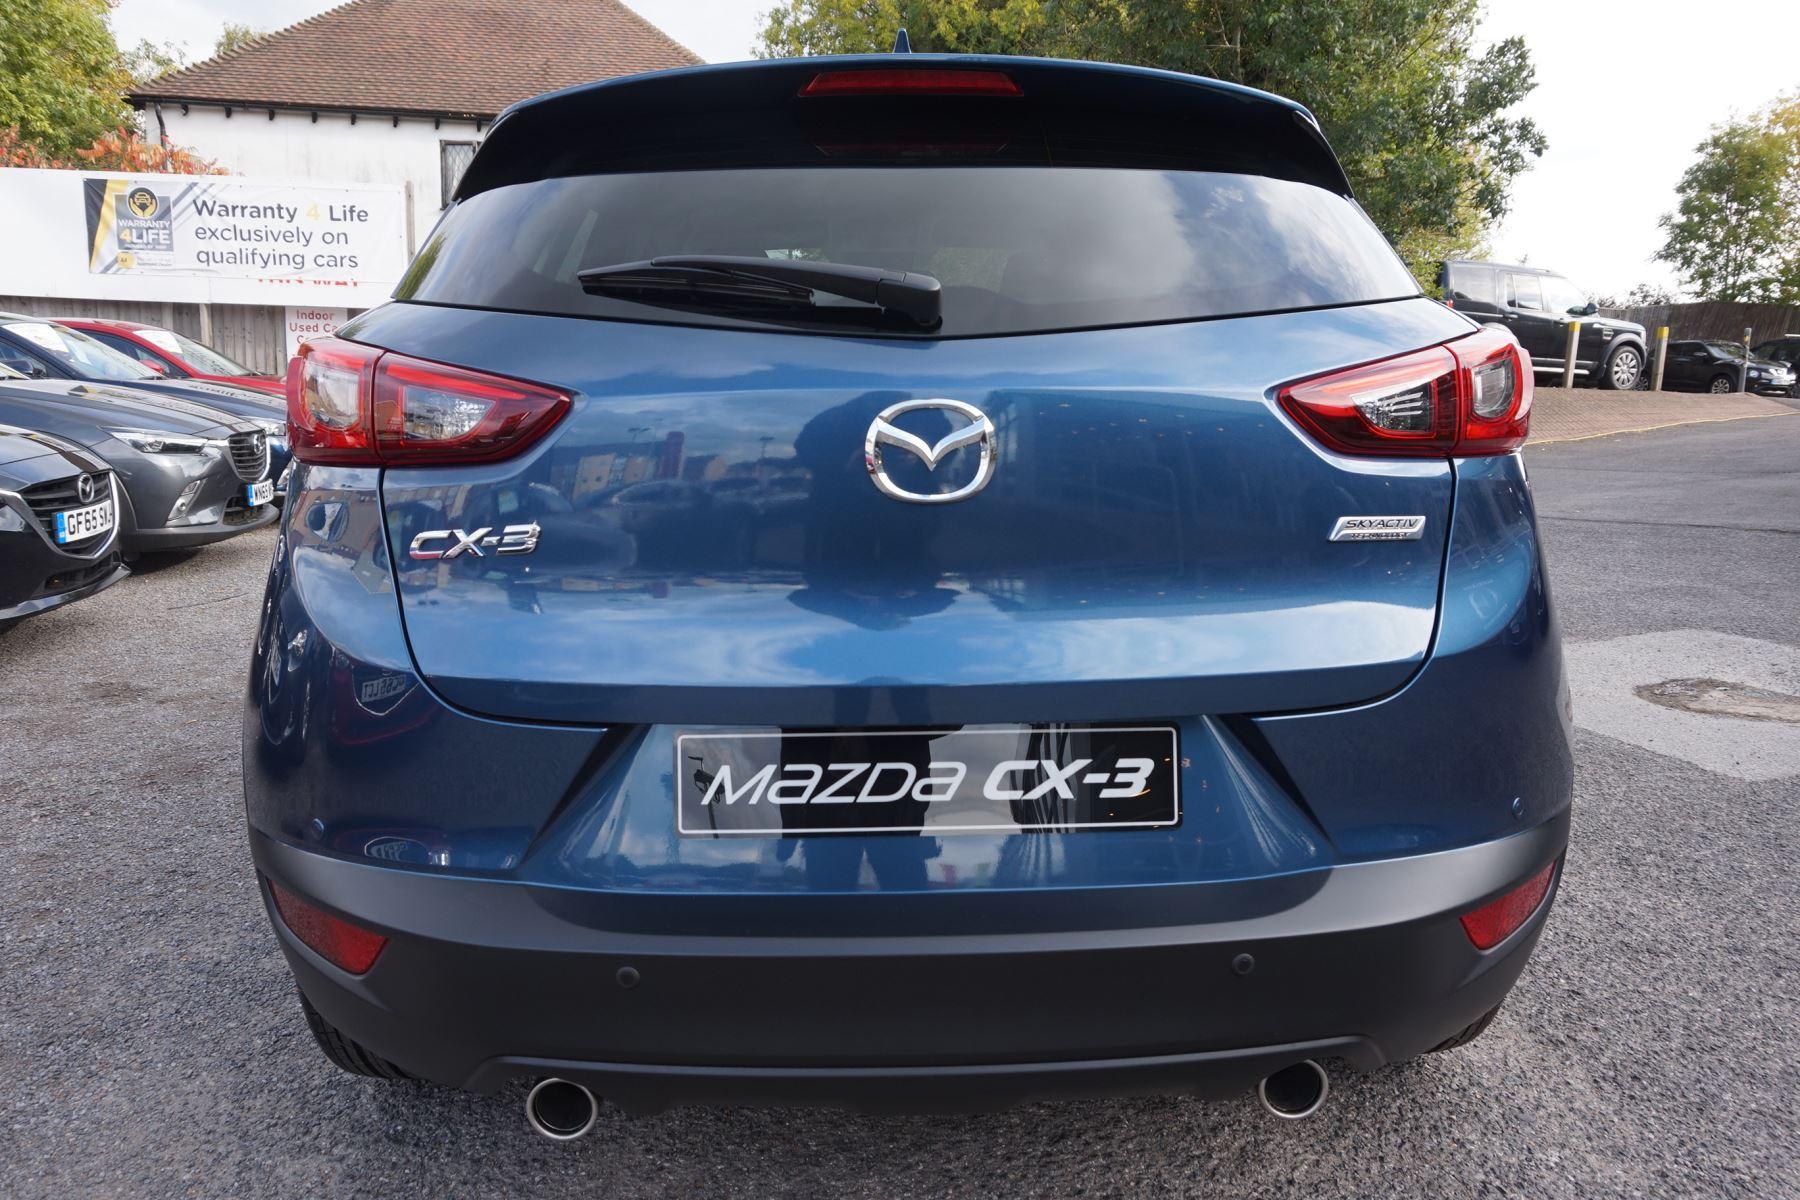 Mazda CX-3 1.5d SE-L Nav 5dr image 4